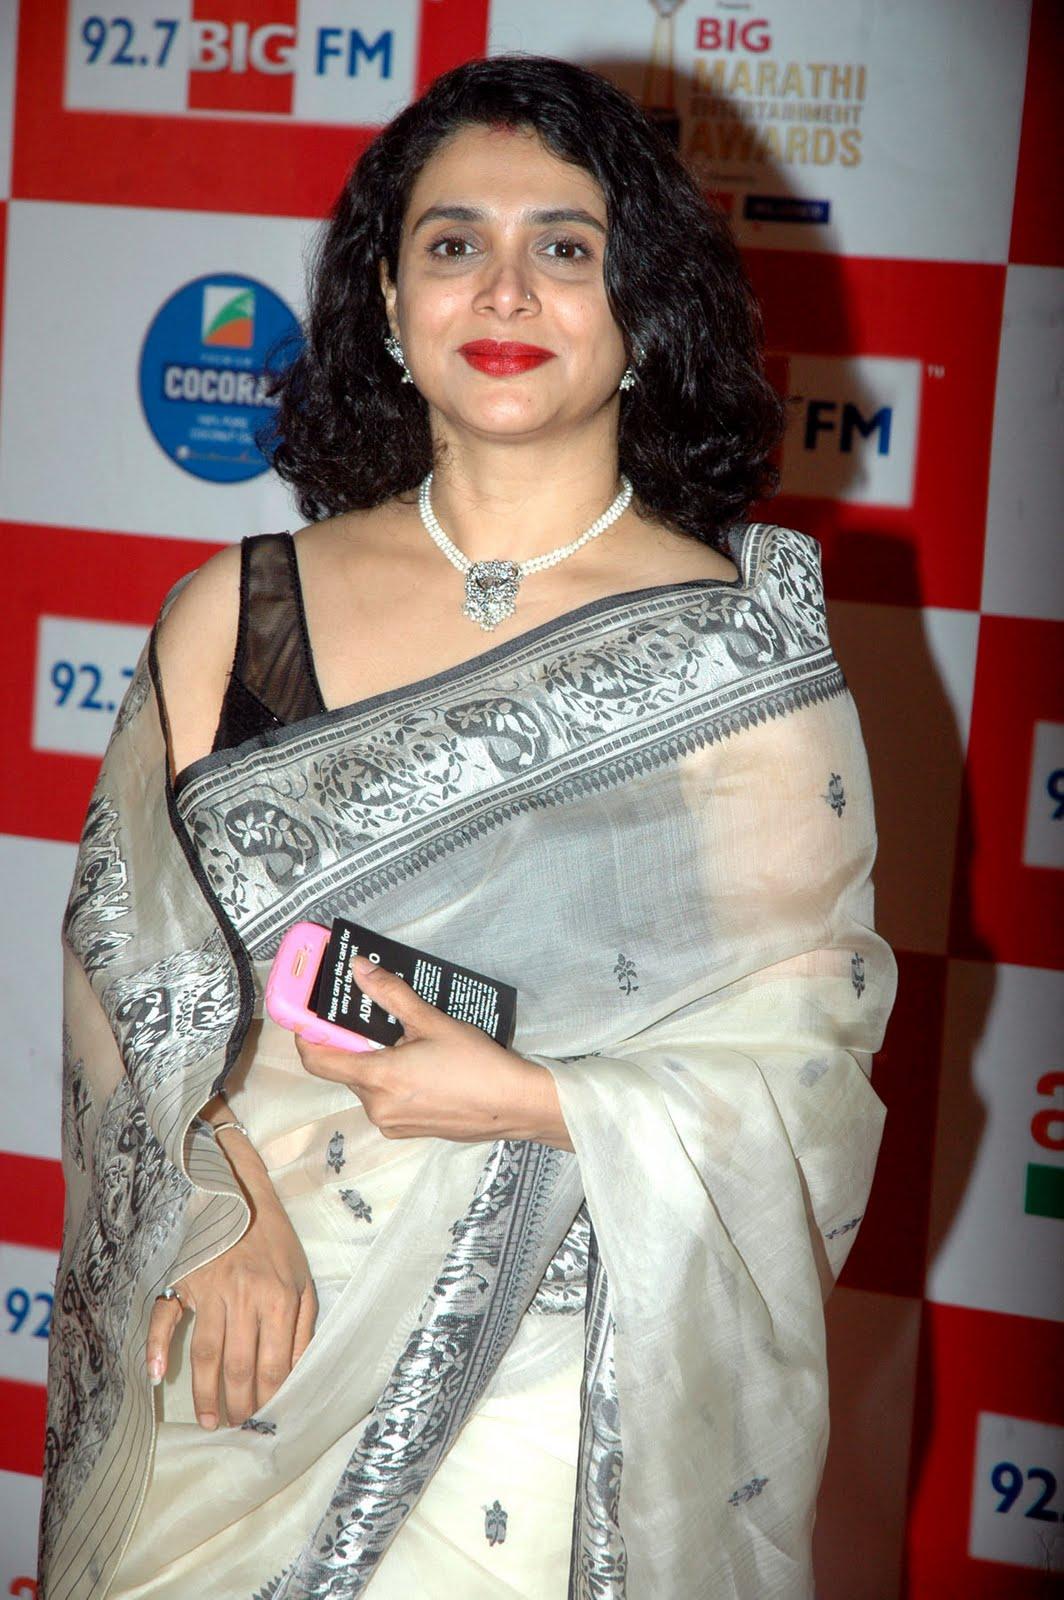 pics Supriya Karnik